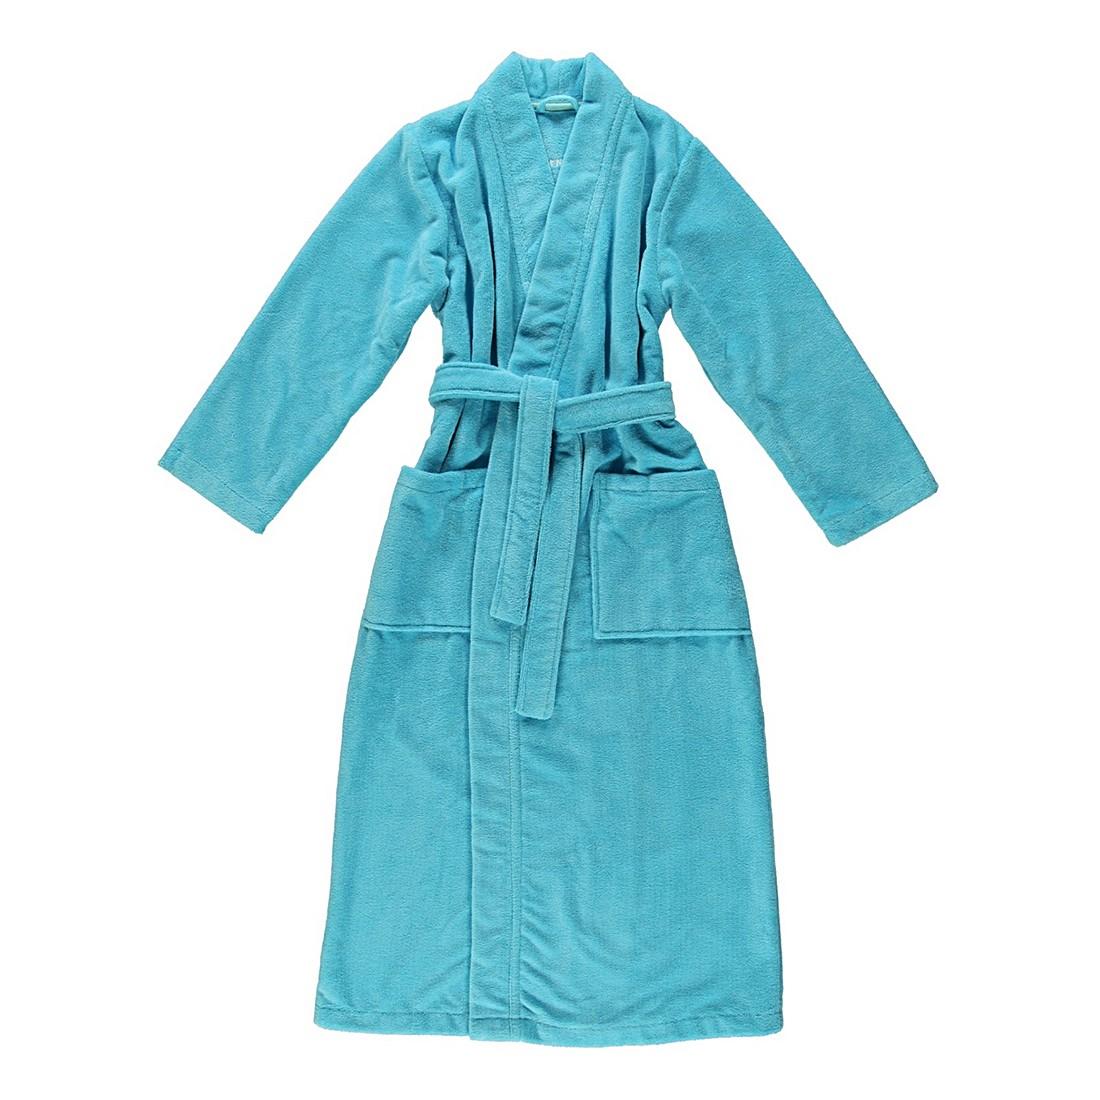 Bademantel Eva – Damen – Multifaser – 40% Polyester – 30% Baumwolle – 30% Viskose – Türkis – Größe: XL, Morgenstern jetzt bestellen